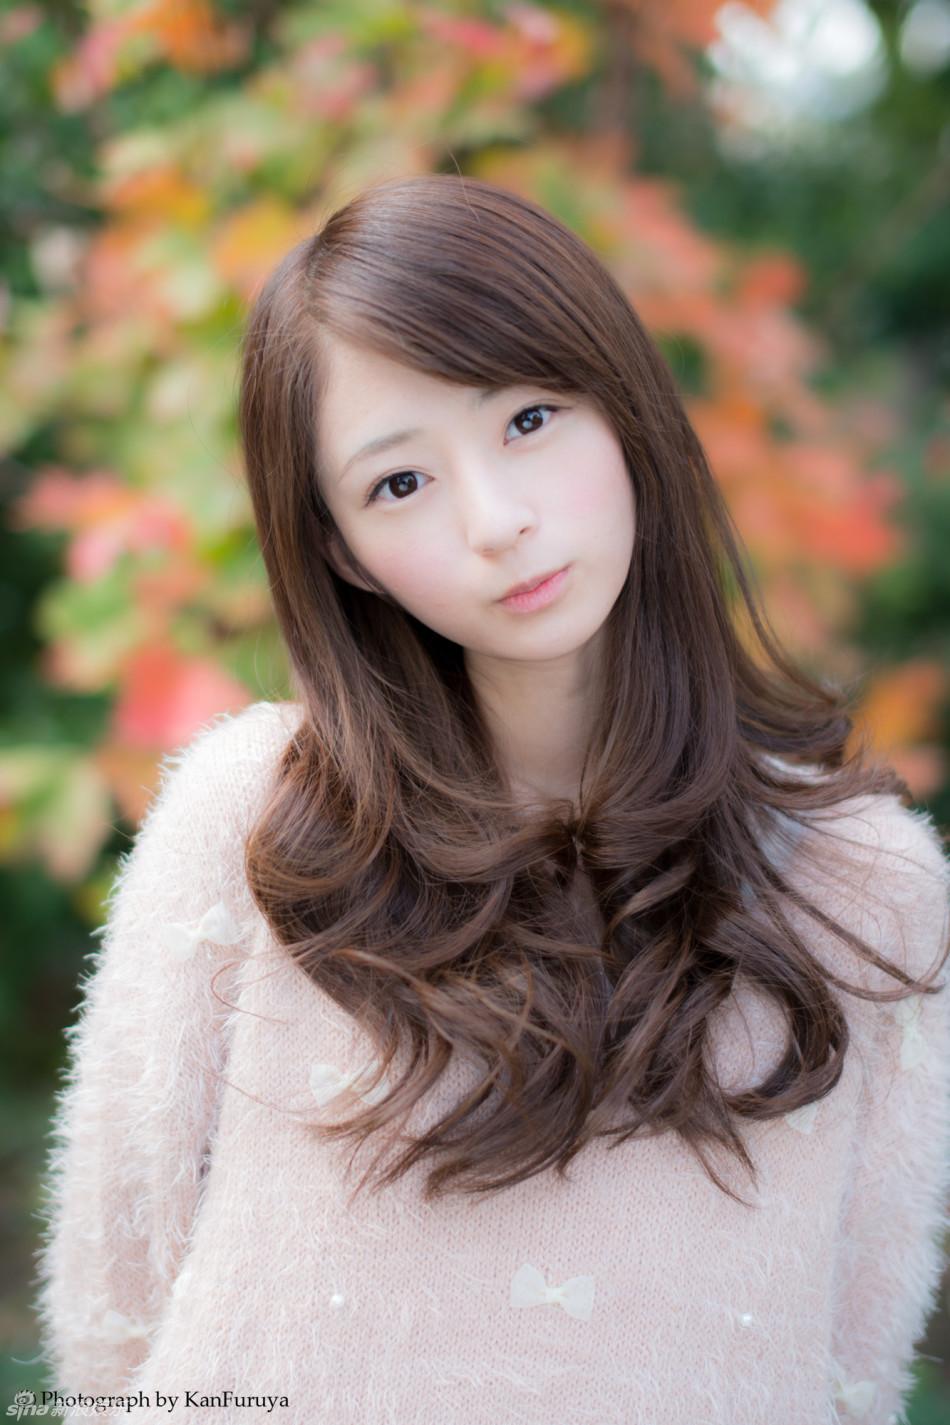 日本双马尾萌妹走红网络 身高154cm清纯可爱